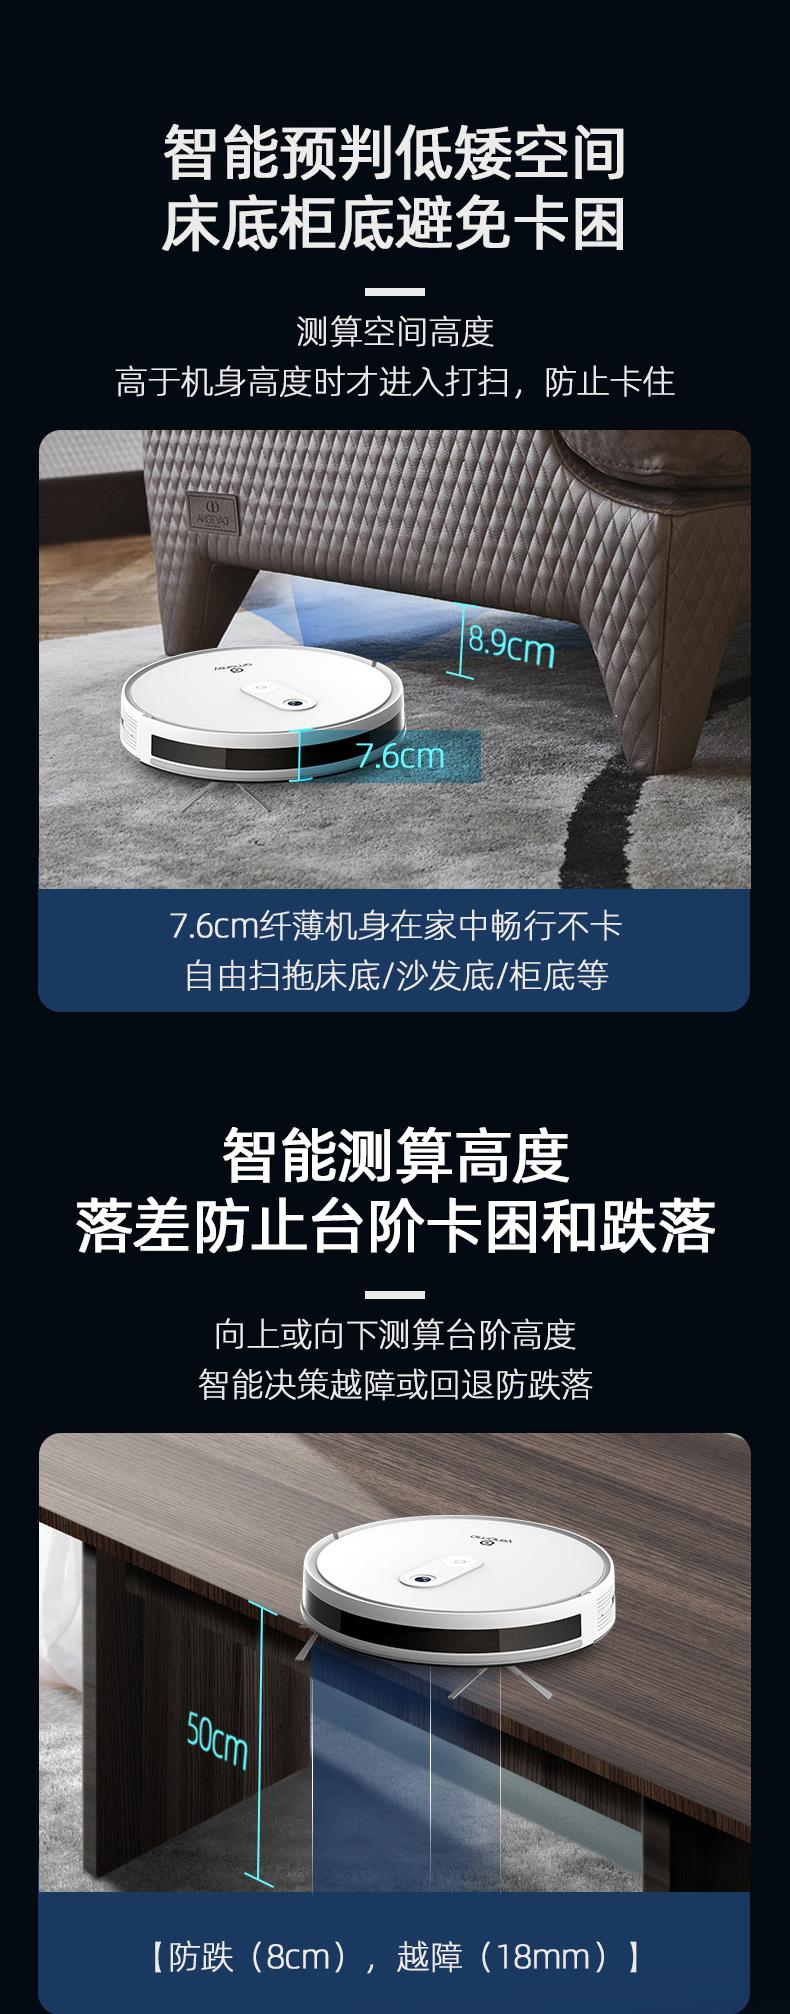 星米智能超薄扫地机器人扫拖一体家用全自动拖地吸尘三合一薇娅荐详细照片